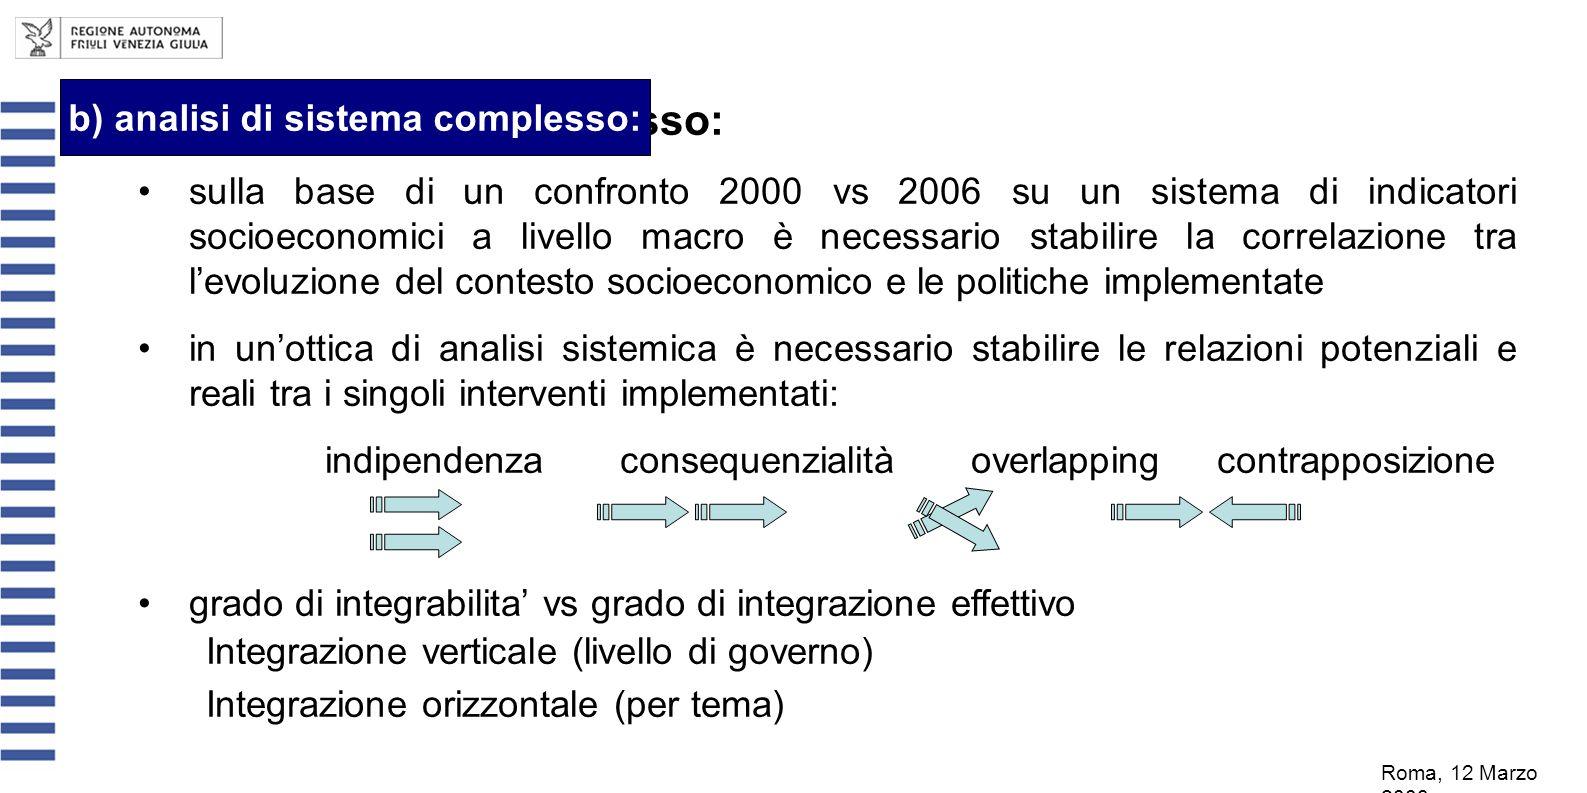 Obiettivi della valutazione unitaria Roma, 12 Marzo 2008 conoscere quanto un intervento sia in grado di raggiungere i propri obiettivi (valutazione per singolo programma) conoscere se e come gli effetti di ogni intervento influenzano il raggiungimento degli obiettivi degli altri interventi